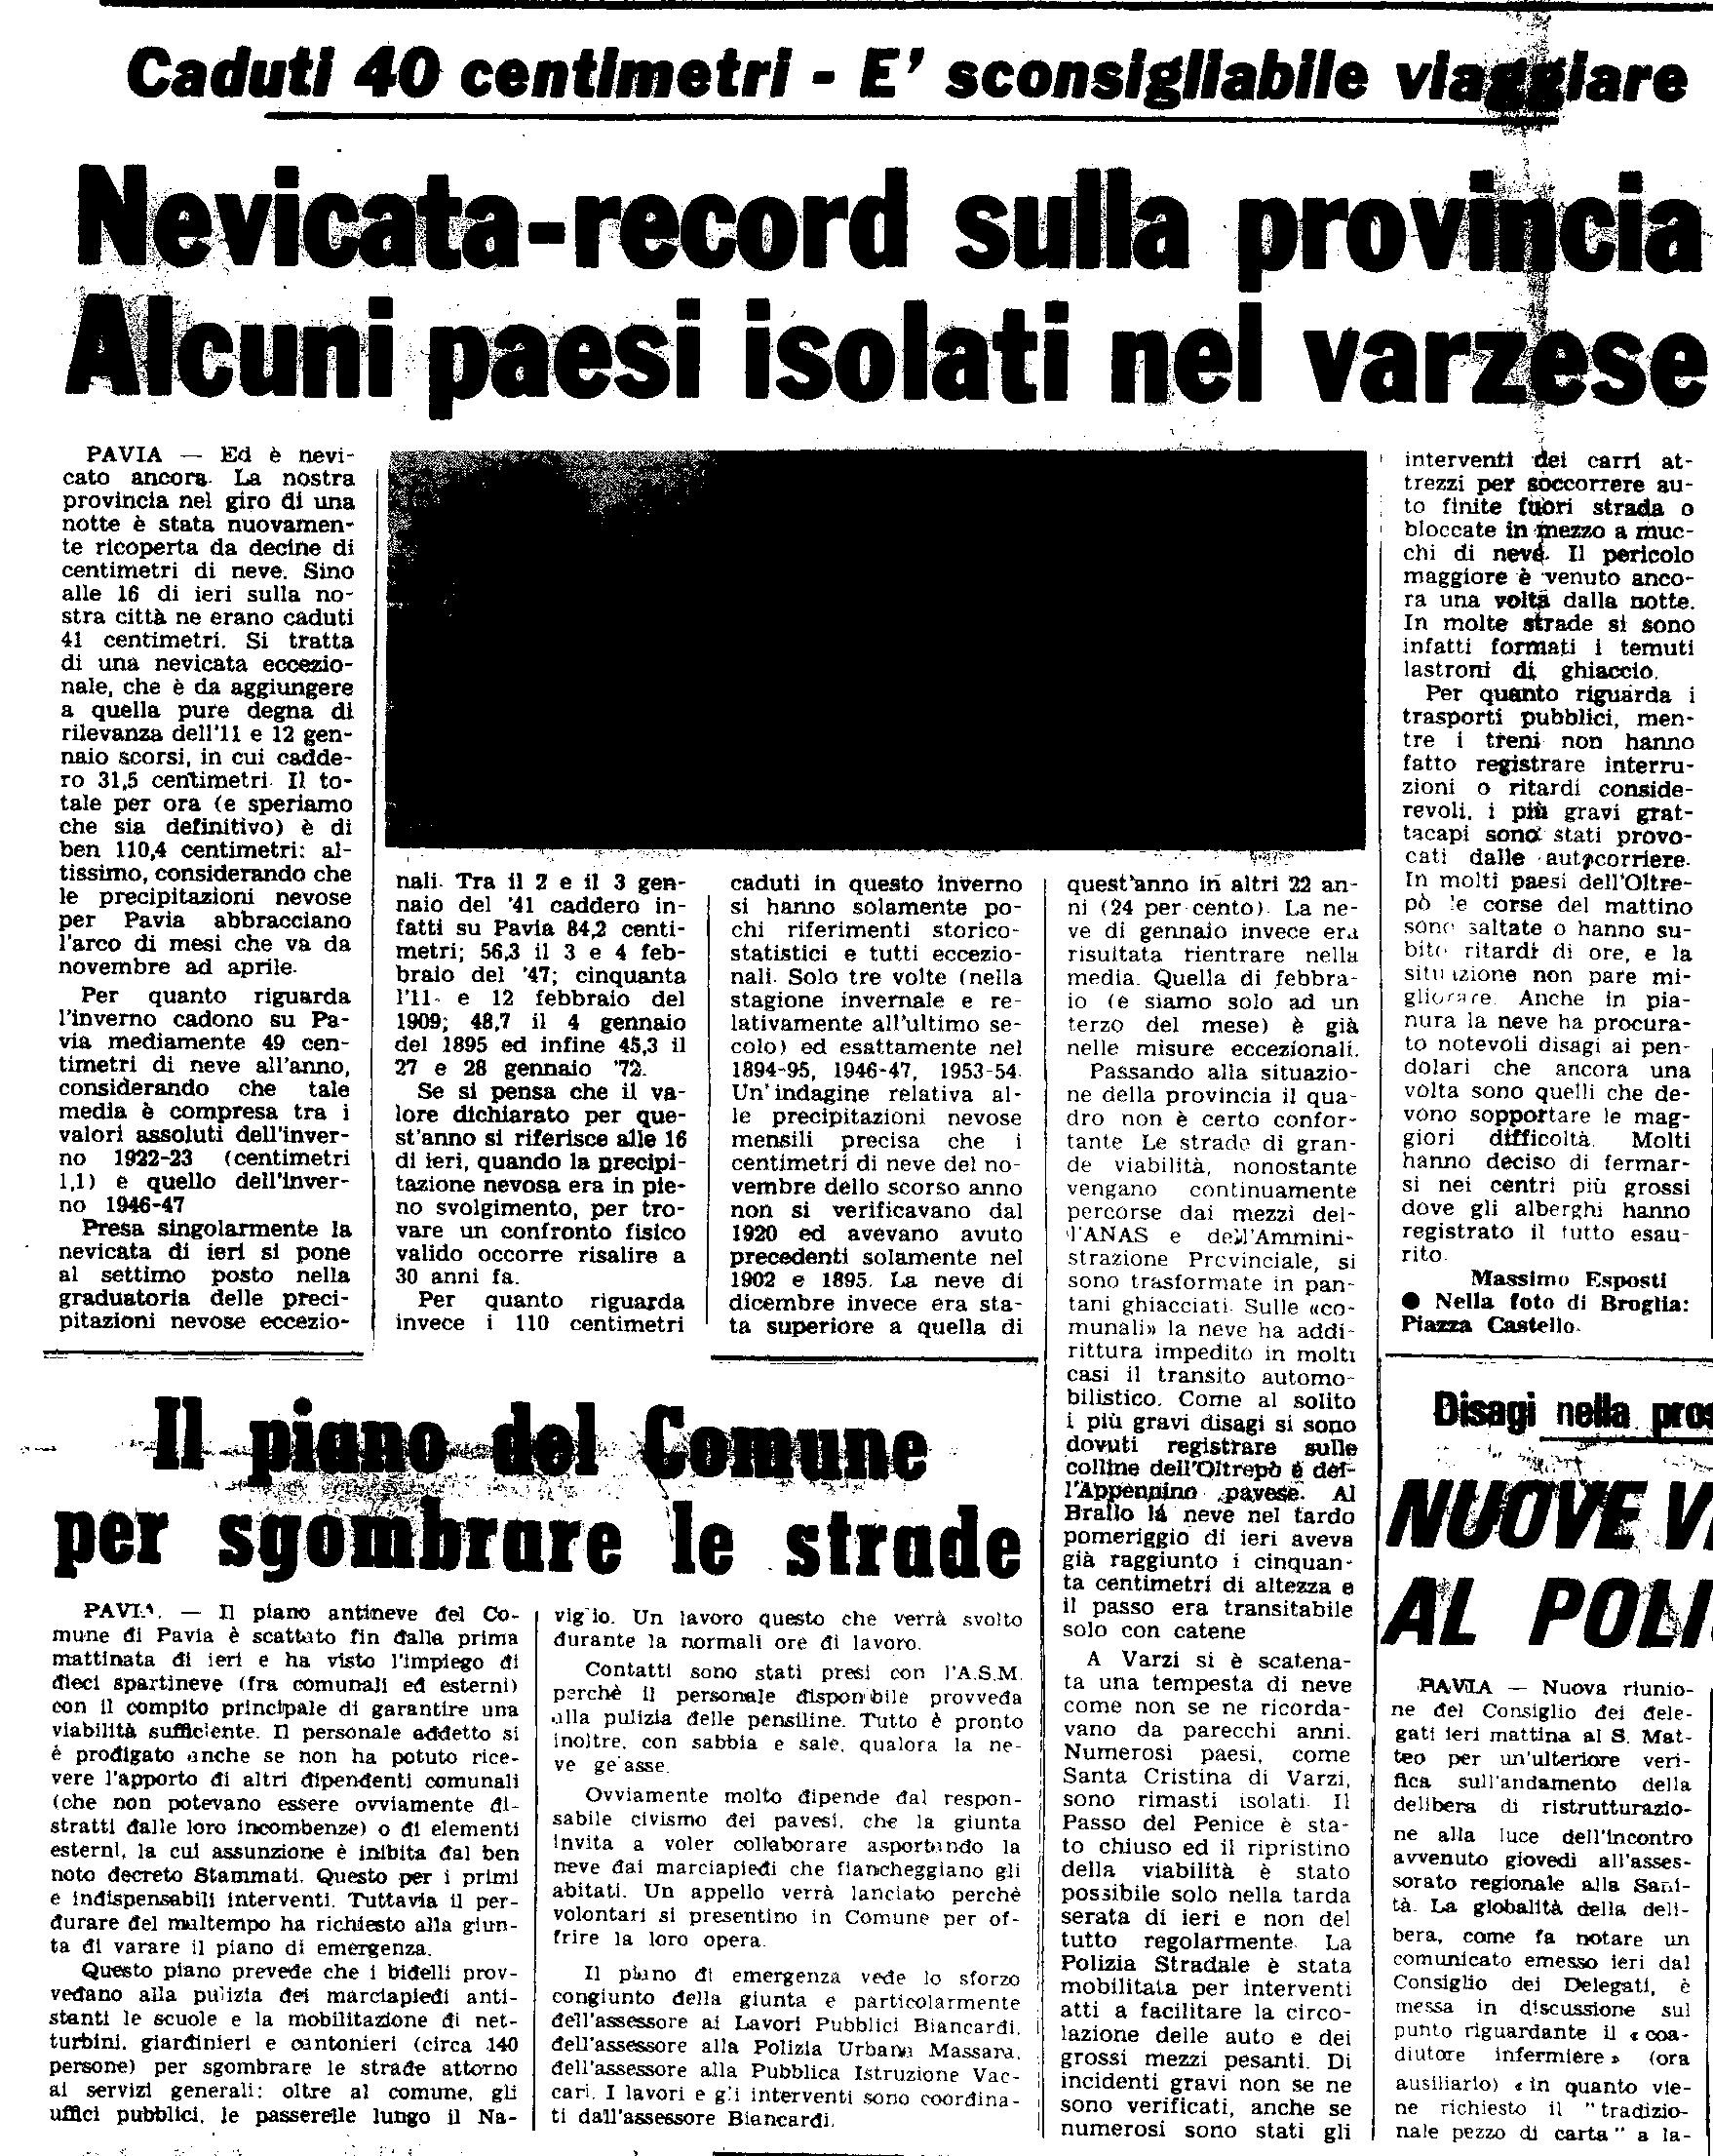 La nevicata dell'11 Febbraio 1978, ripresa da un articolo de